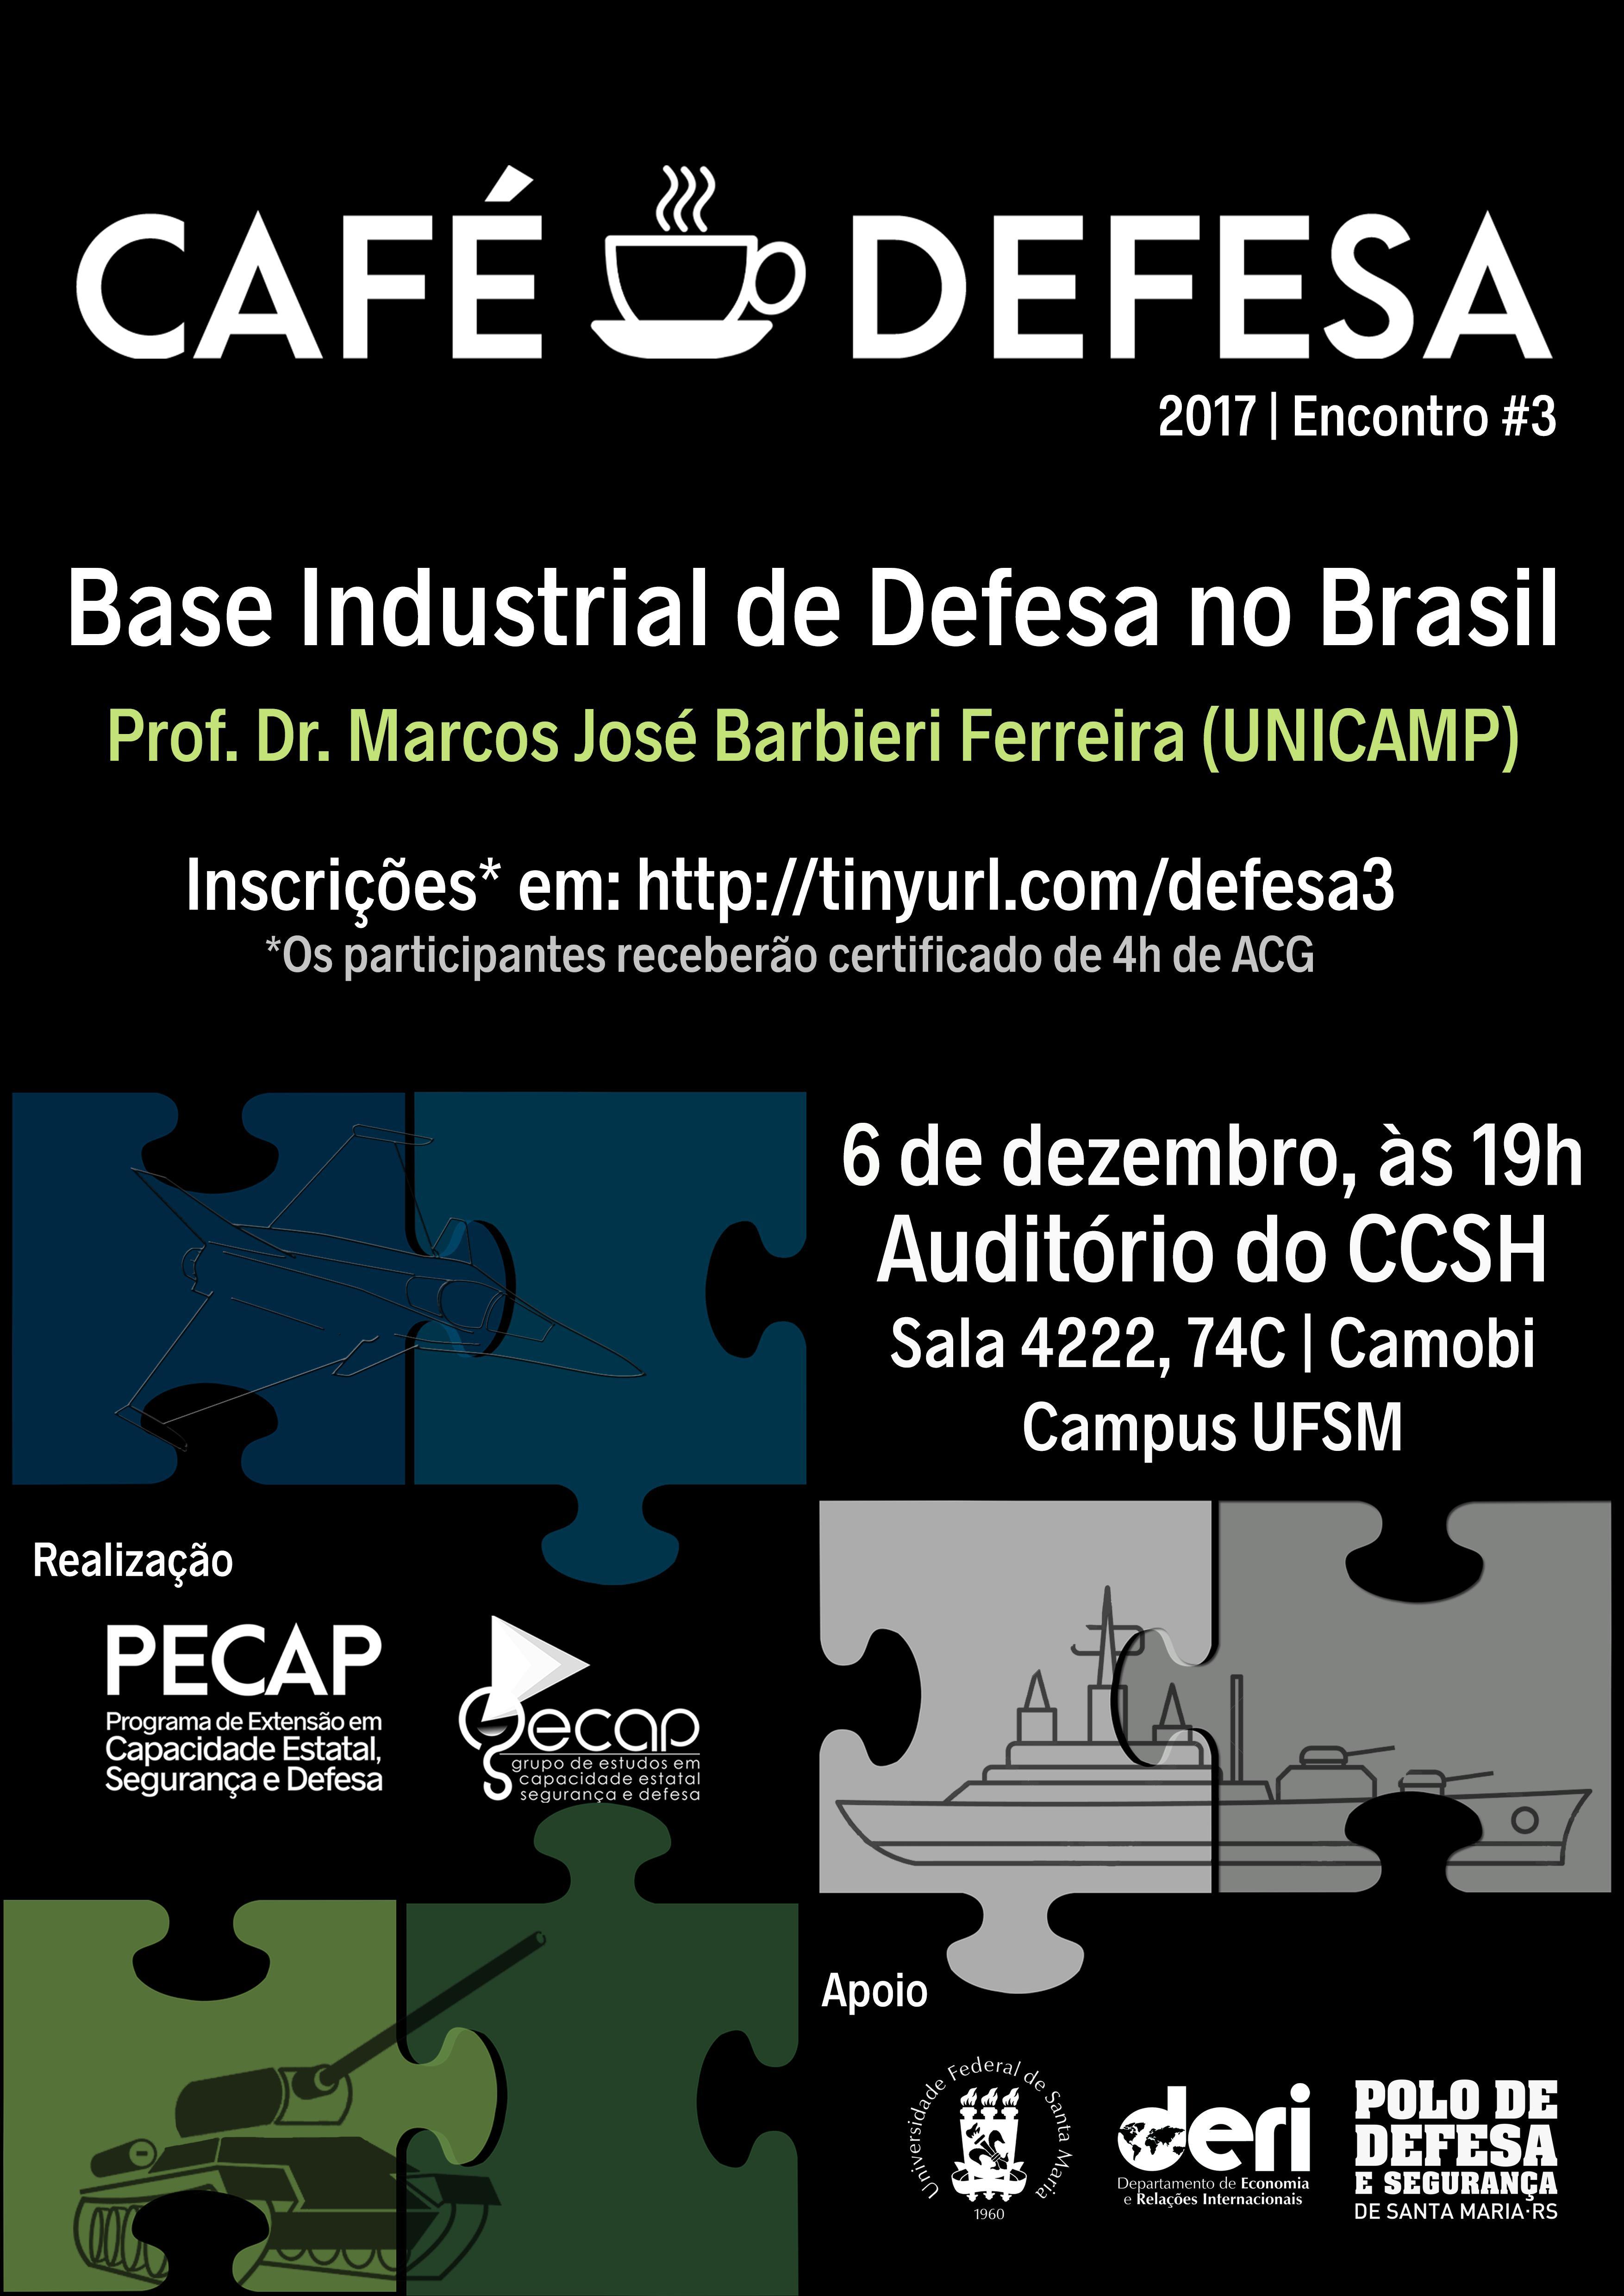 GECAP 2017 Cafe Defesa 3 Cartaz final